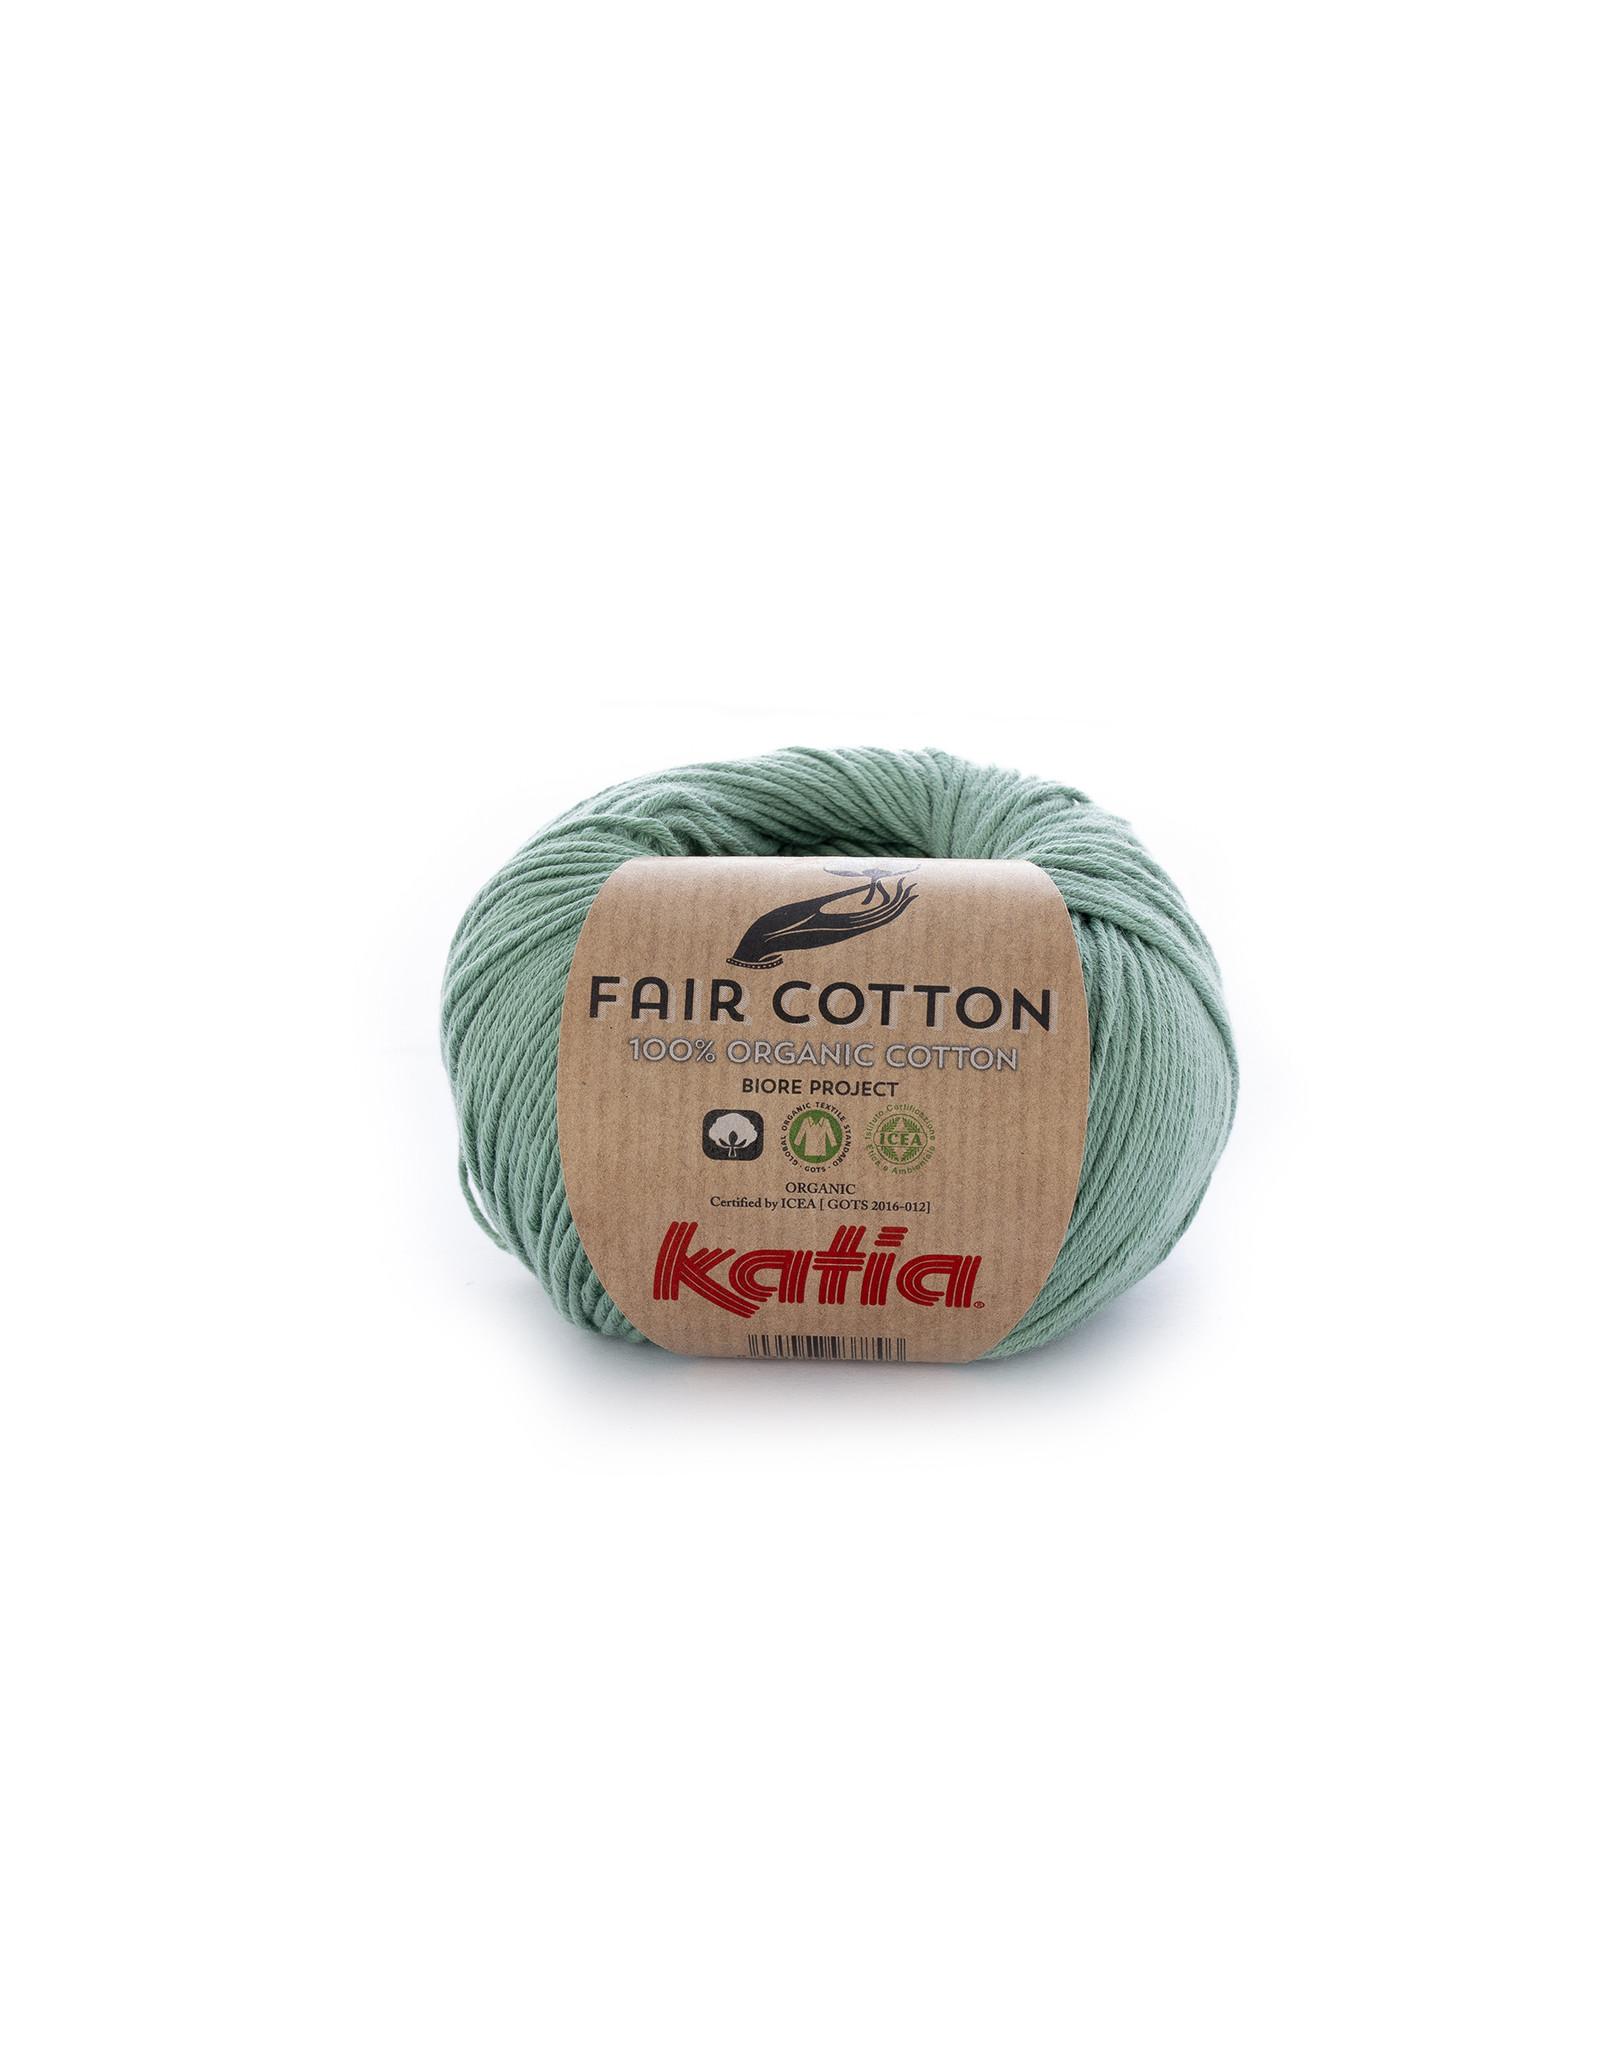 Katia Katia Fair Cotton  17 - mintgroen - - 50 gr. - 100% biol. katoen